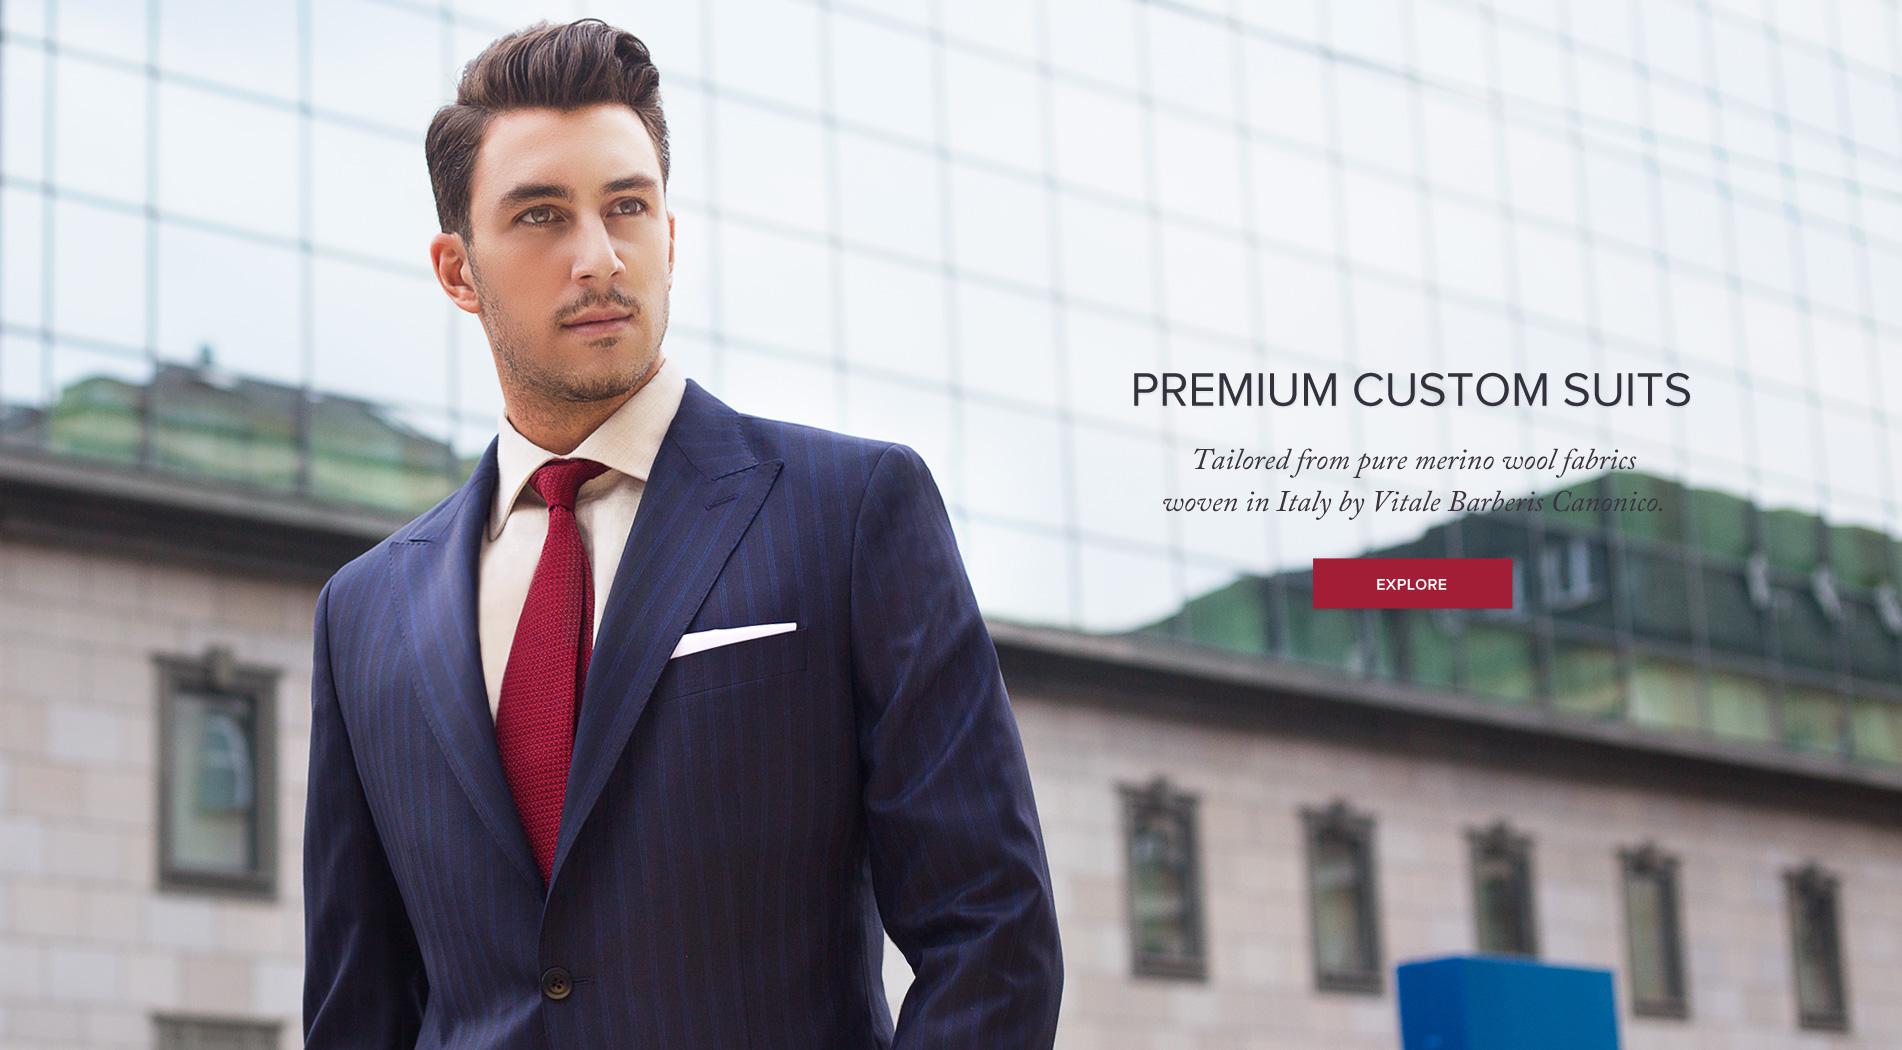 Premium Custom Suits